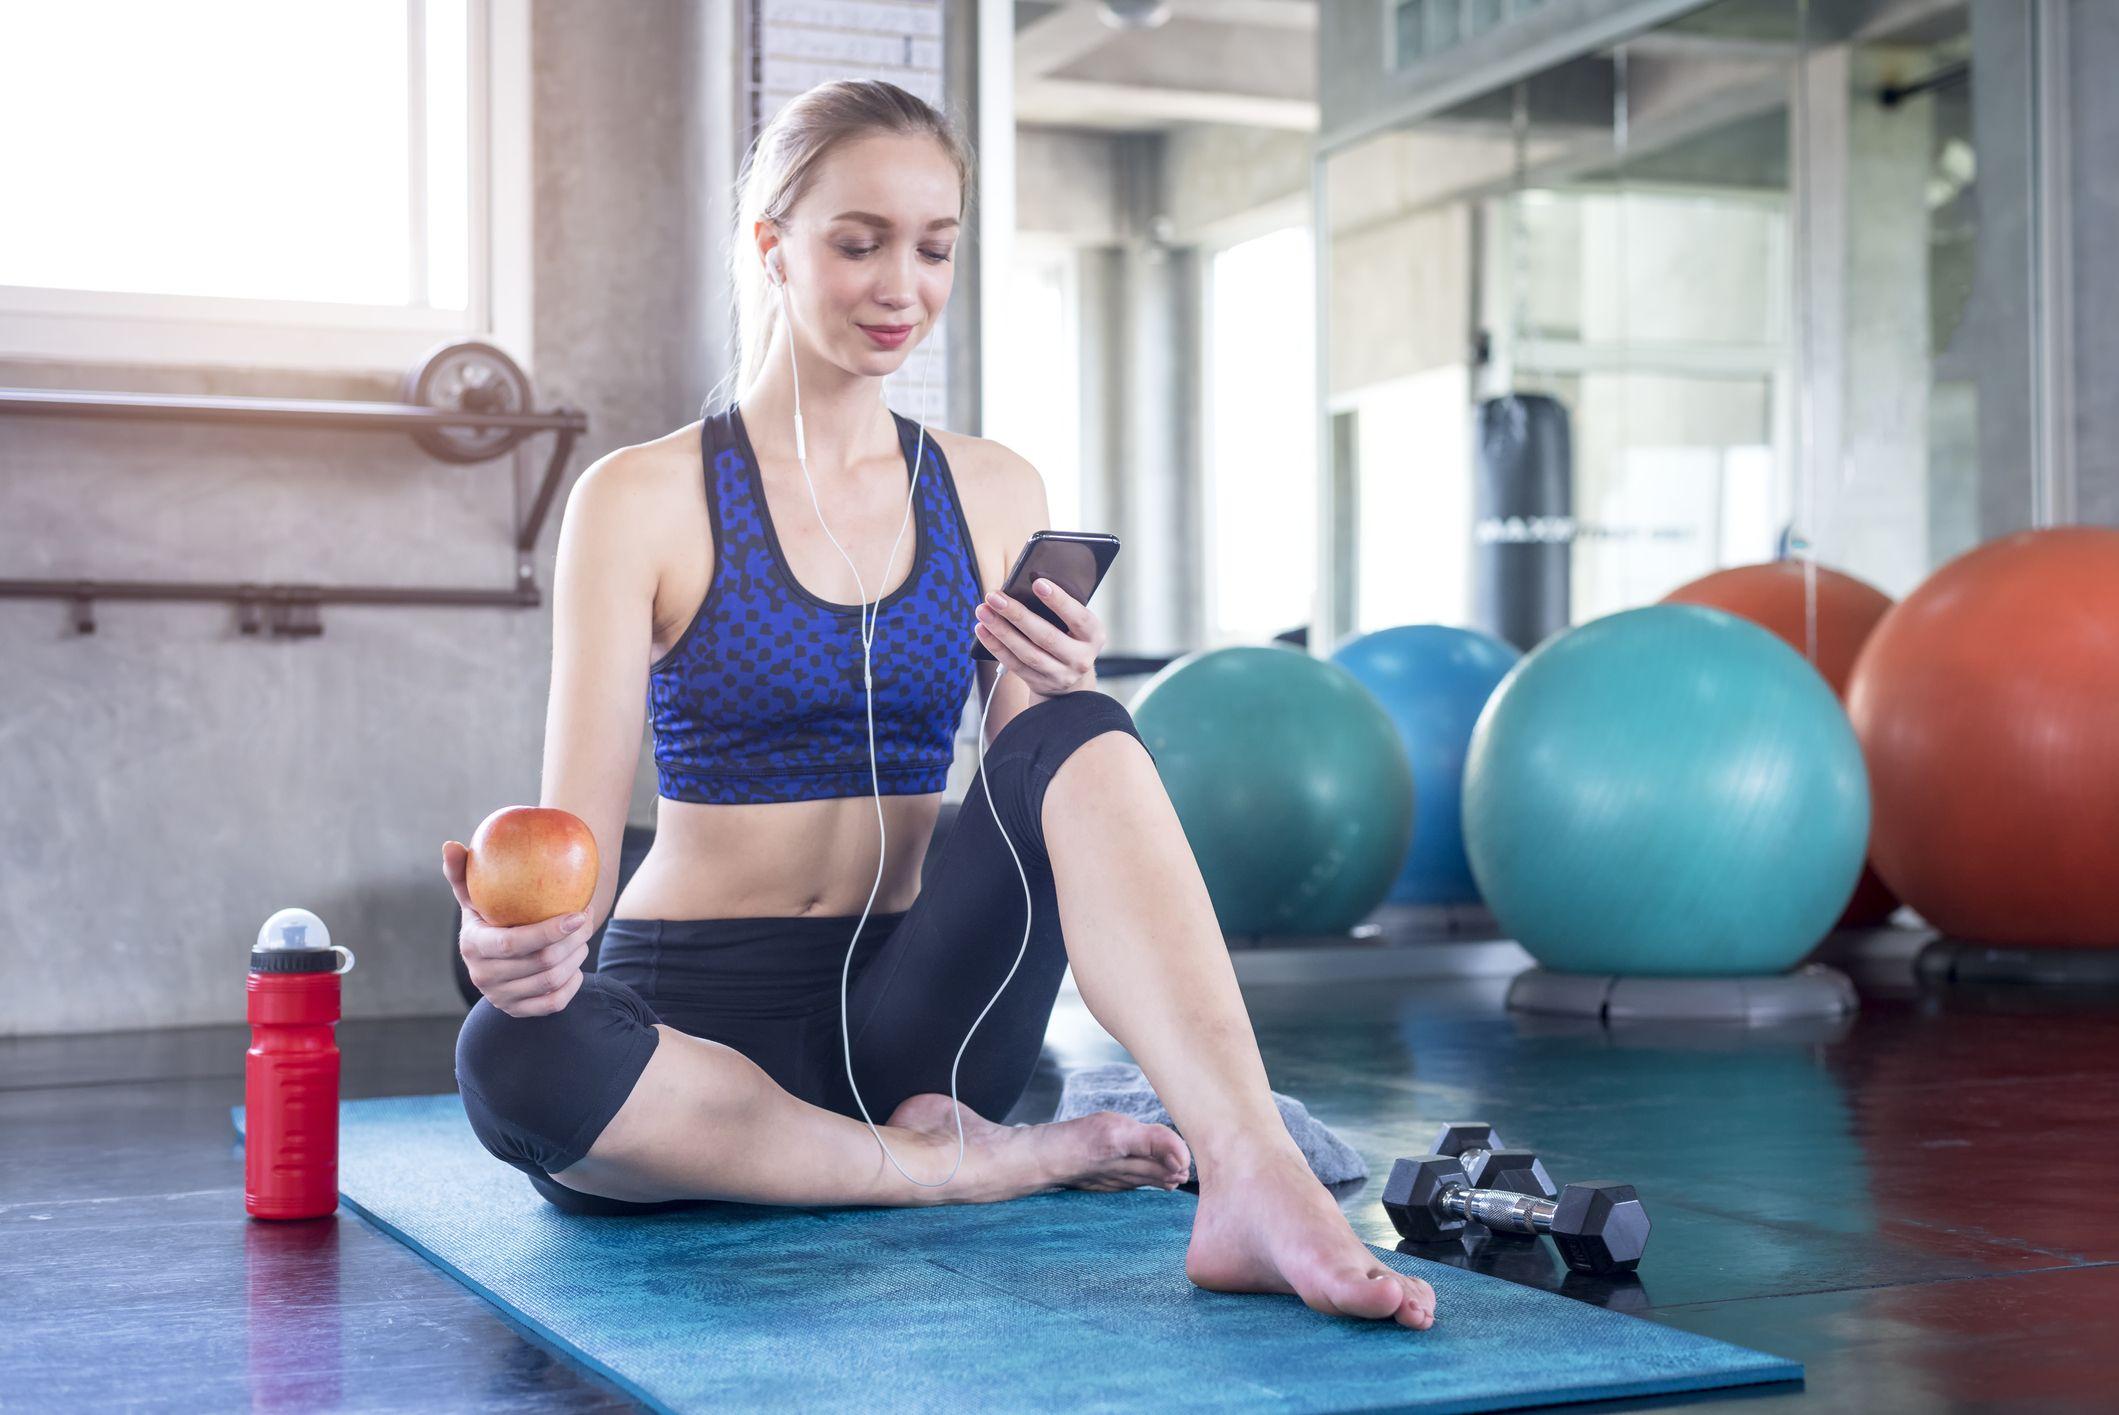 el yoga realmente ayuda a perder peso